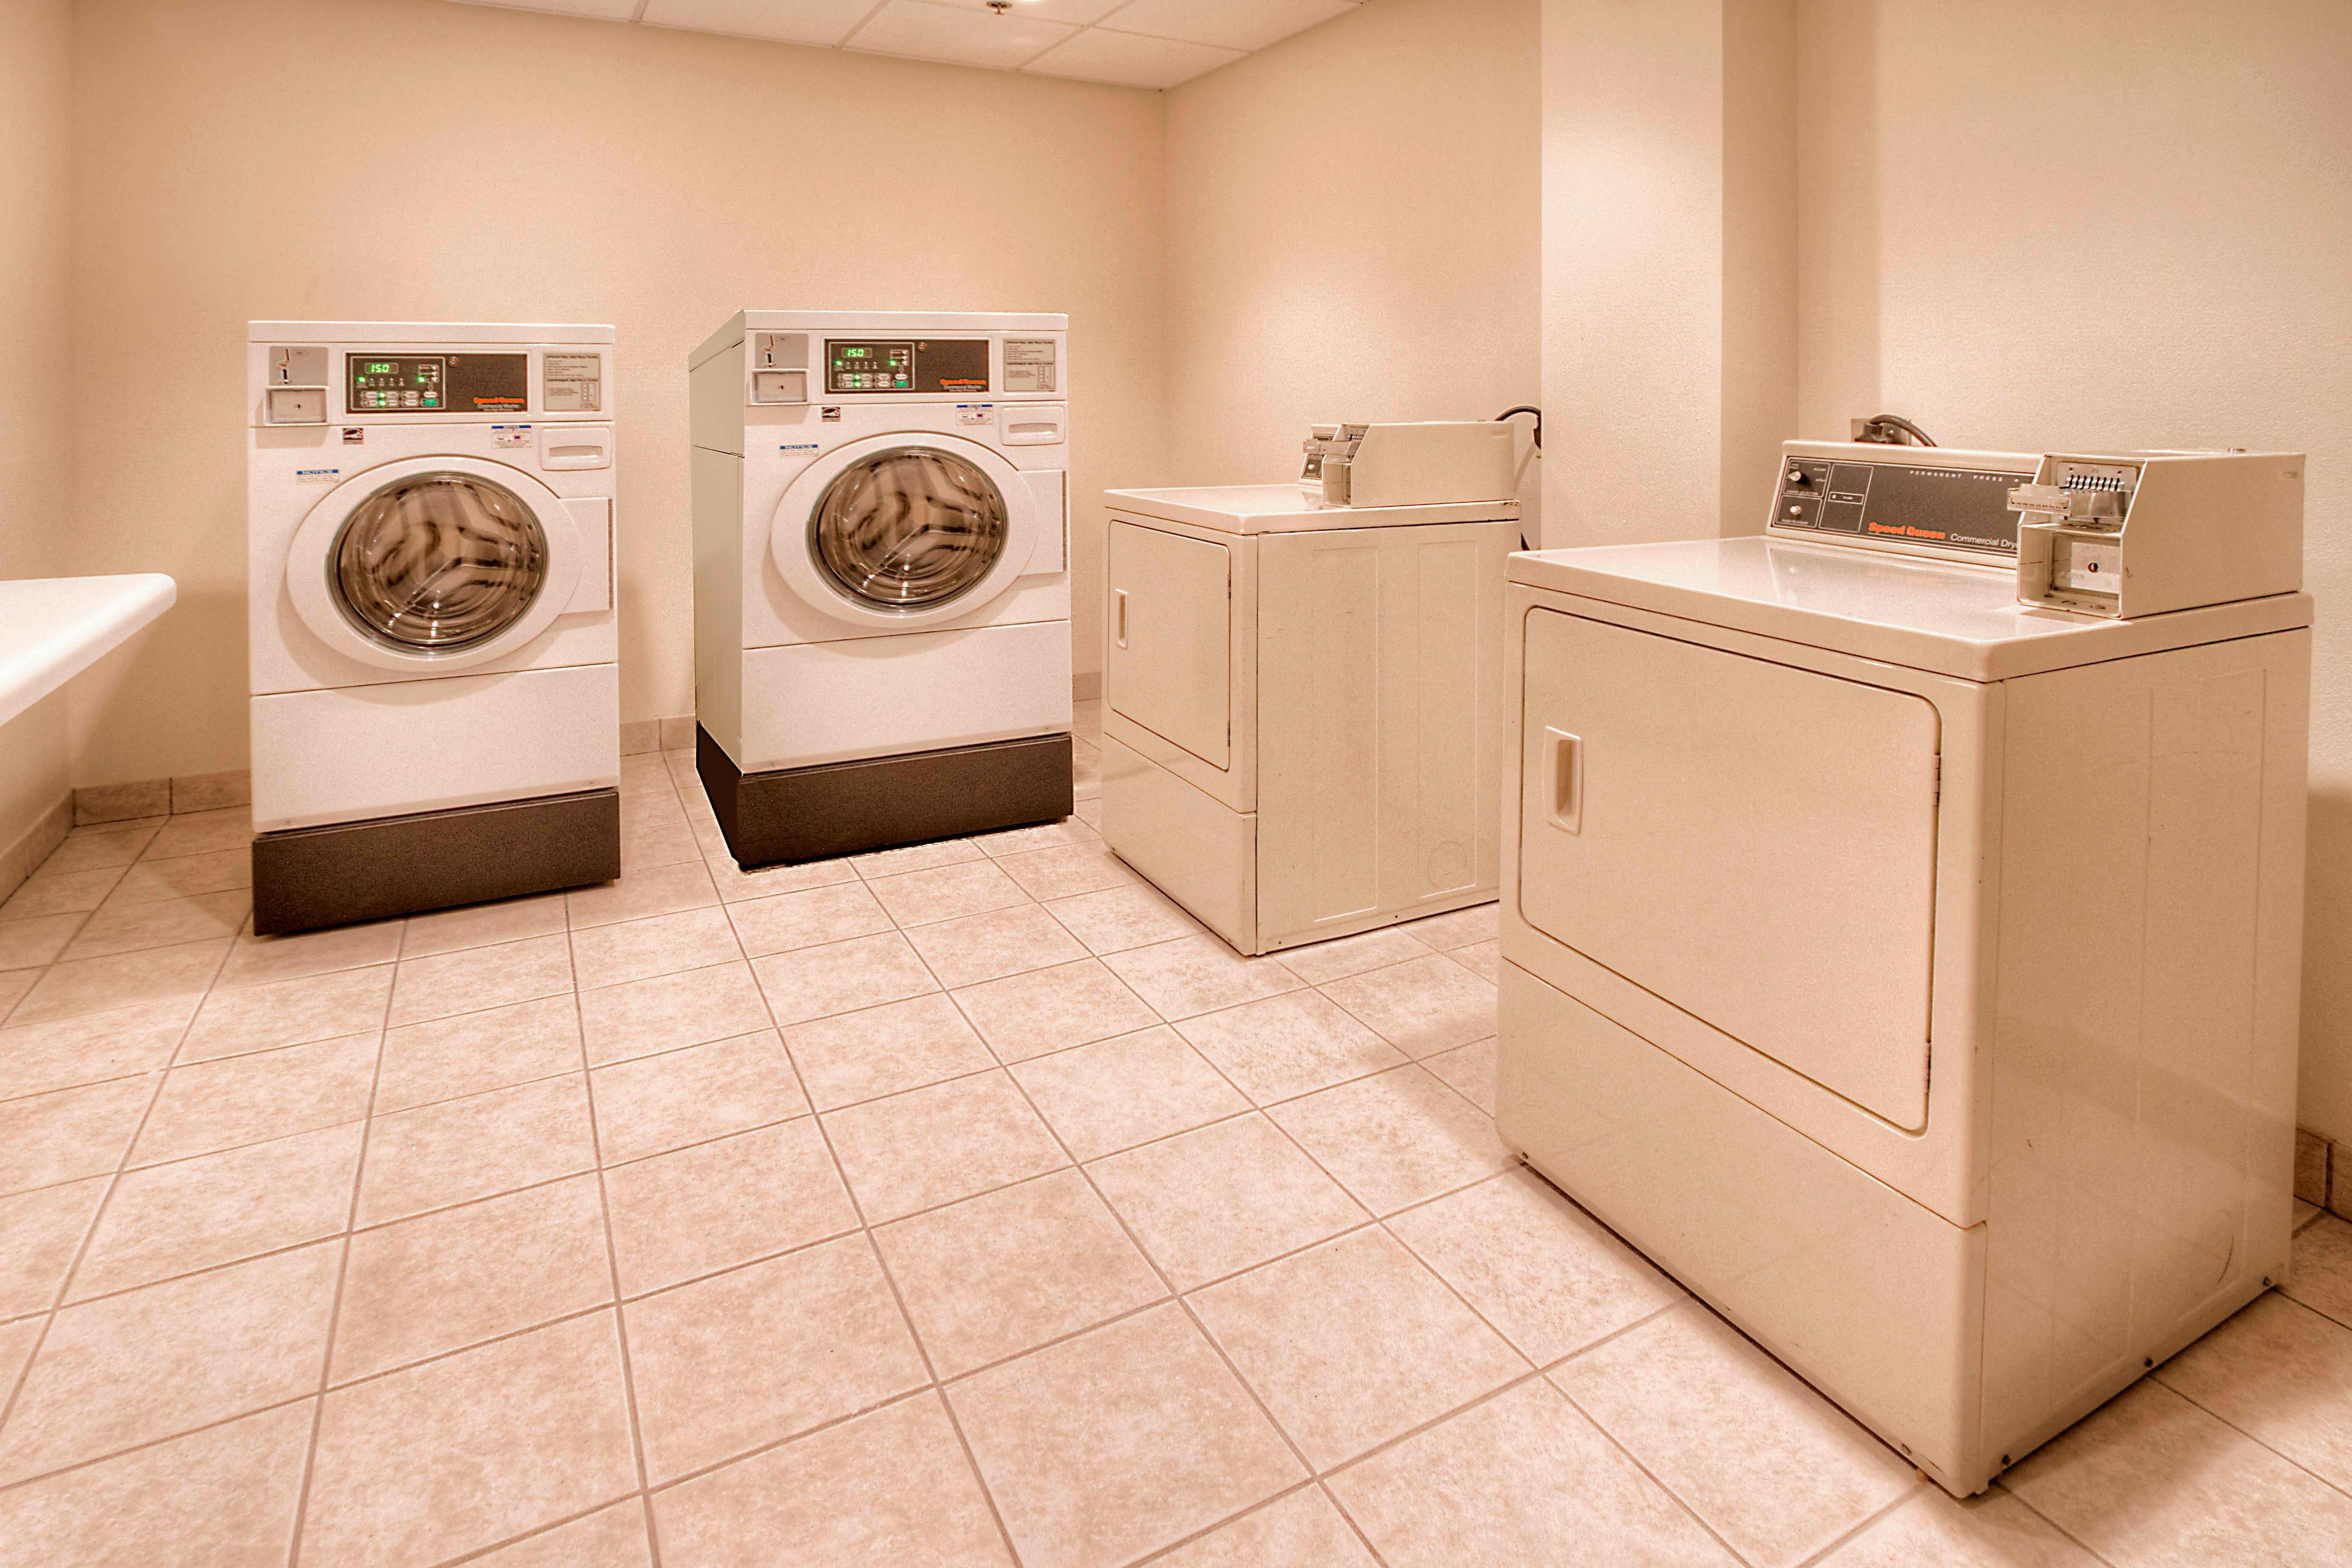 Fairfield Inn & Suites Destin Guest Laundry